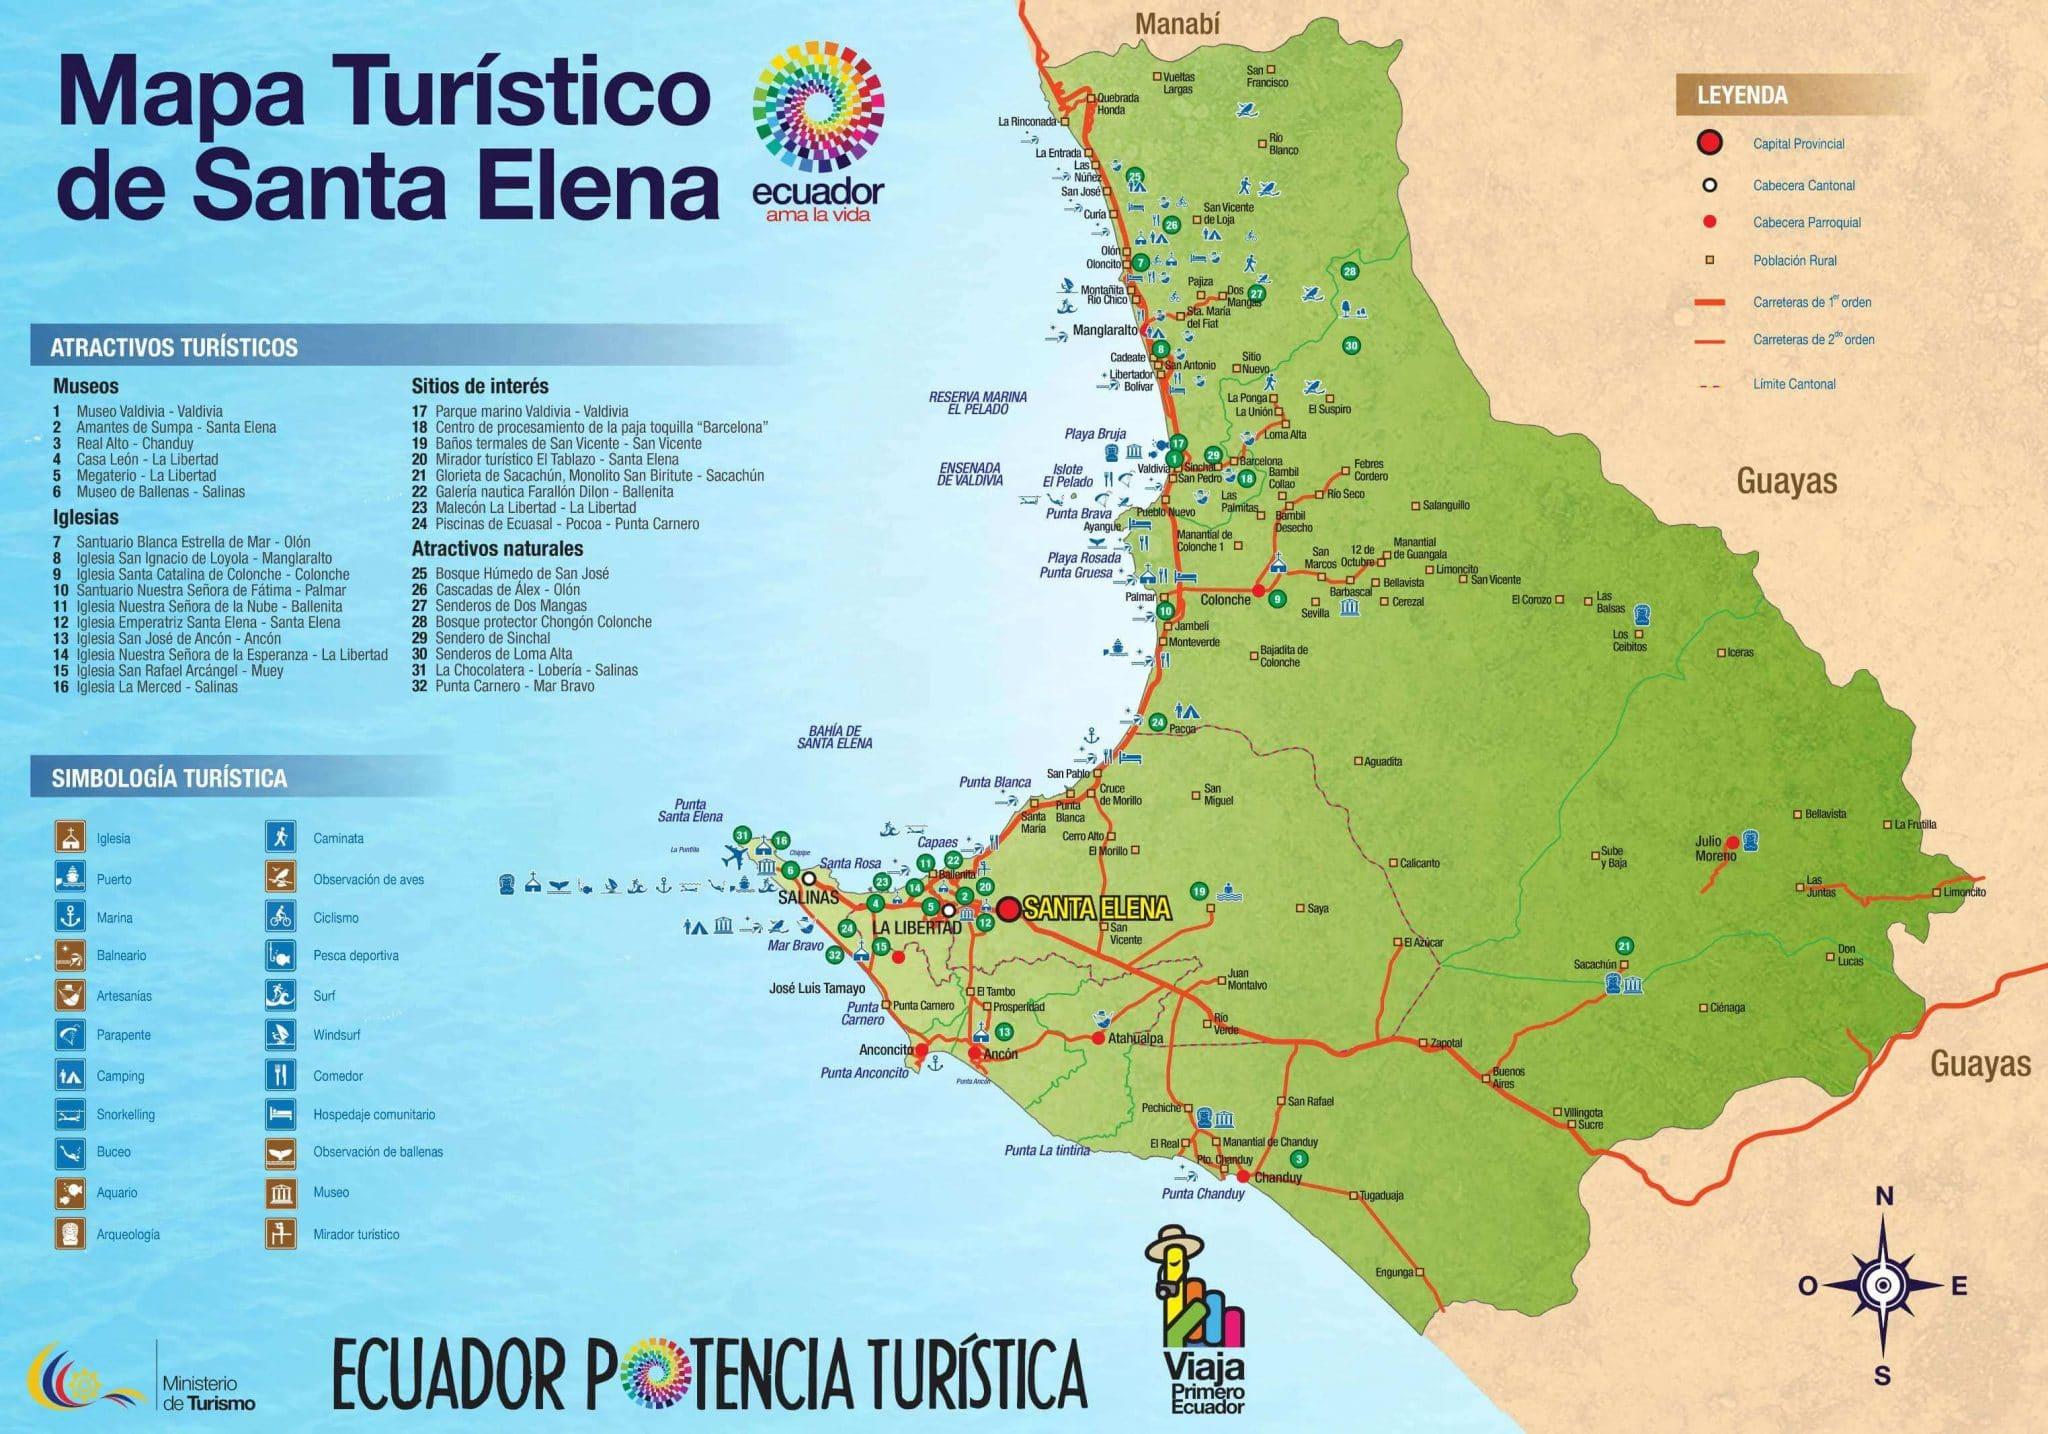 Mapa de playas y lugares turisticos de Santa Elena Ecuador